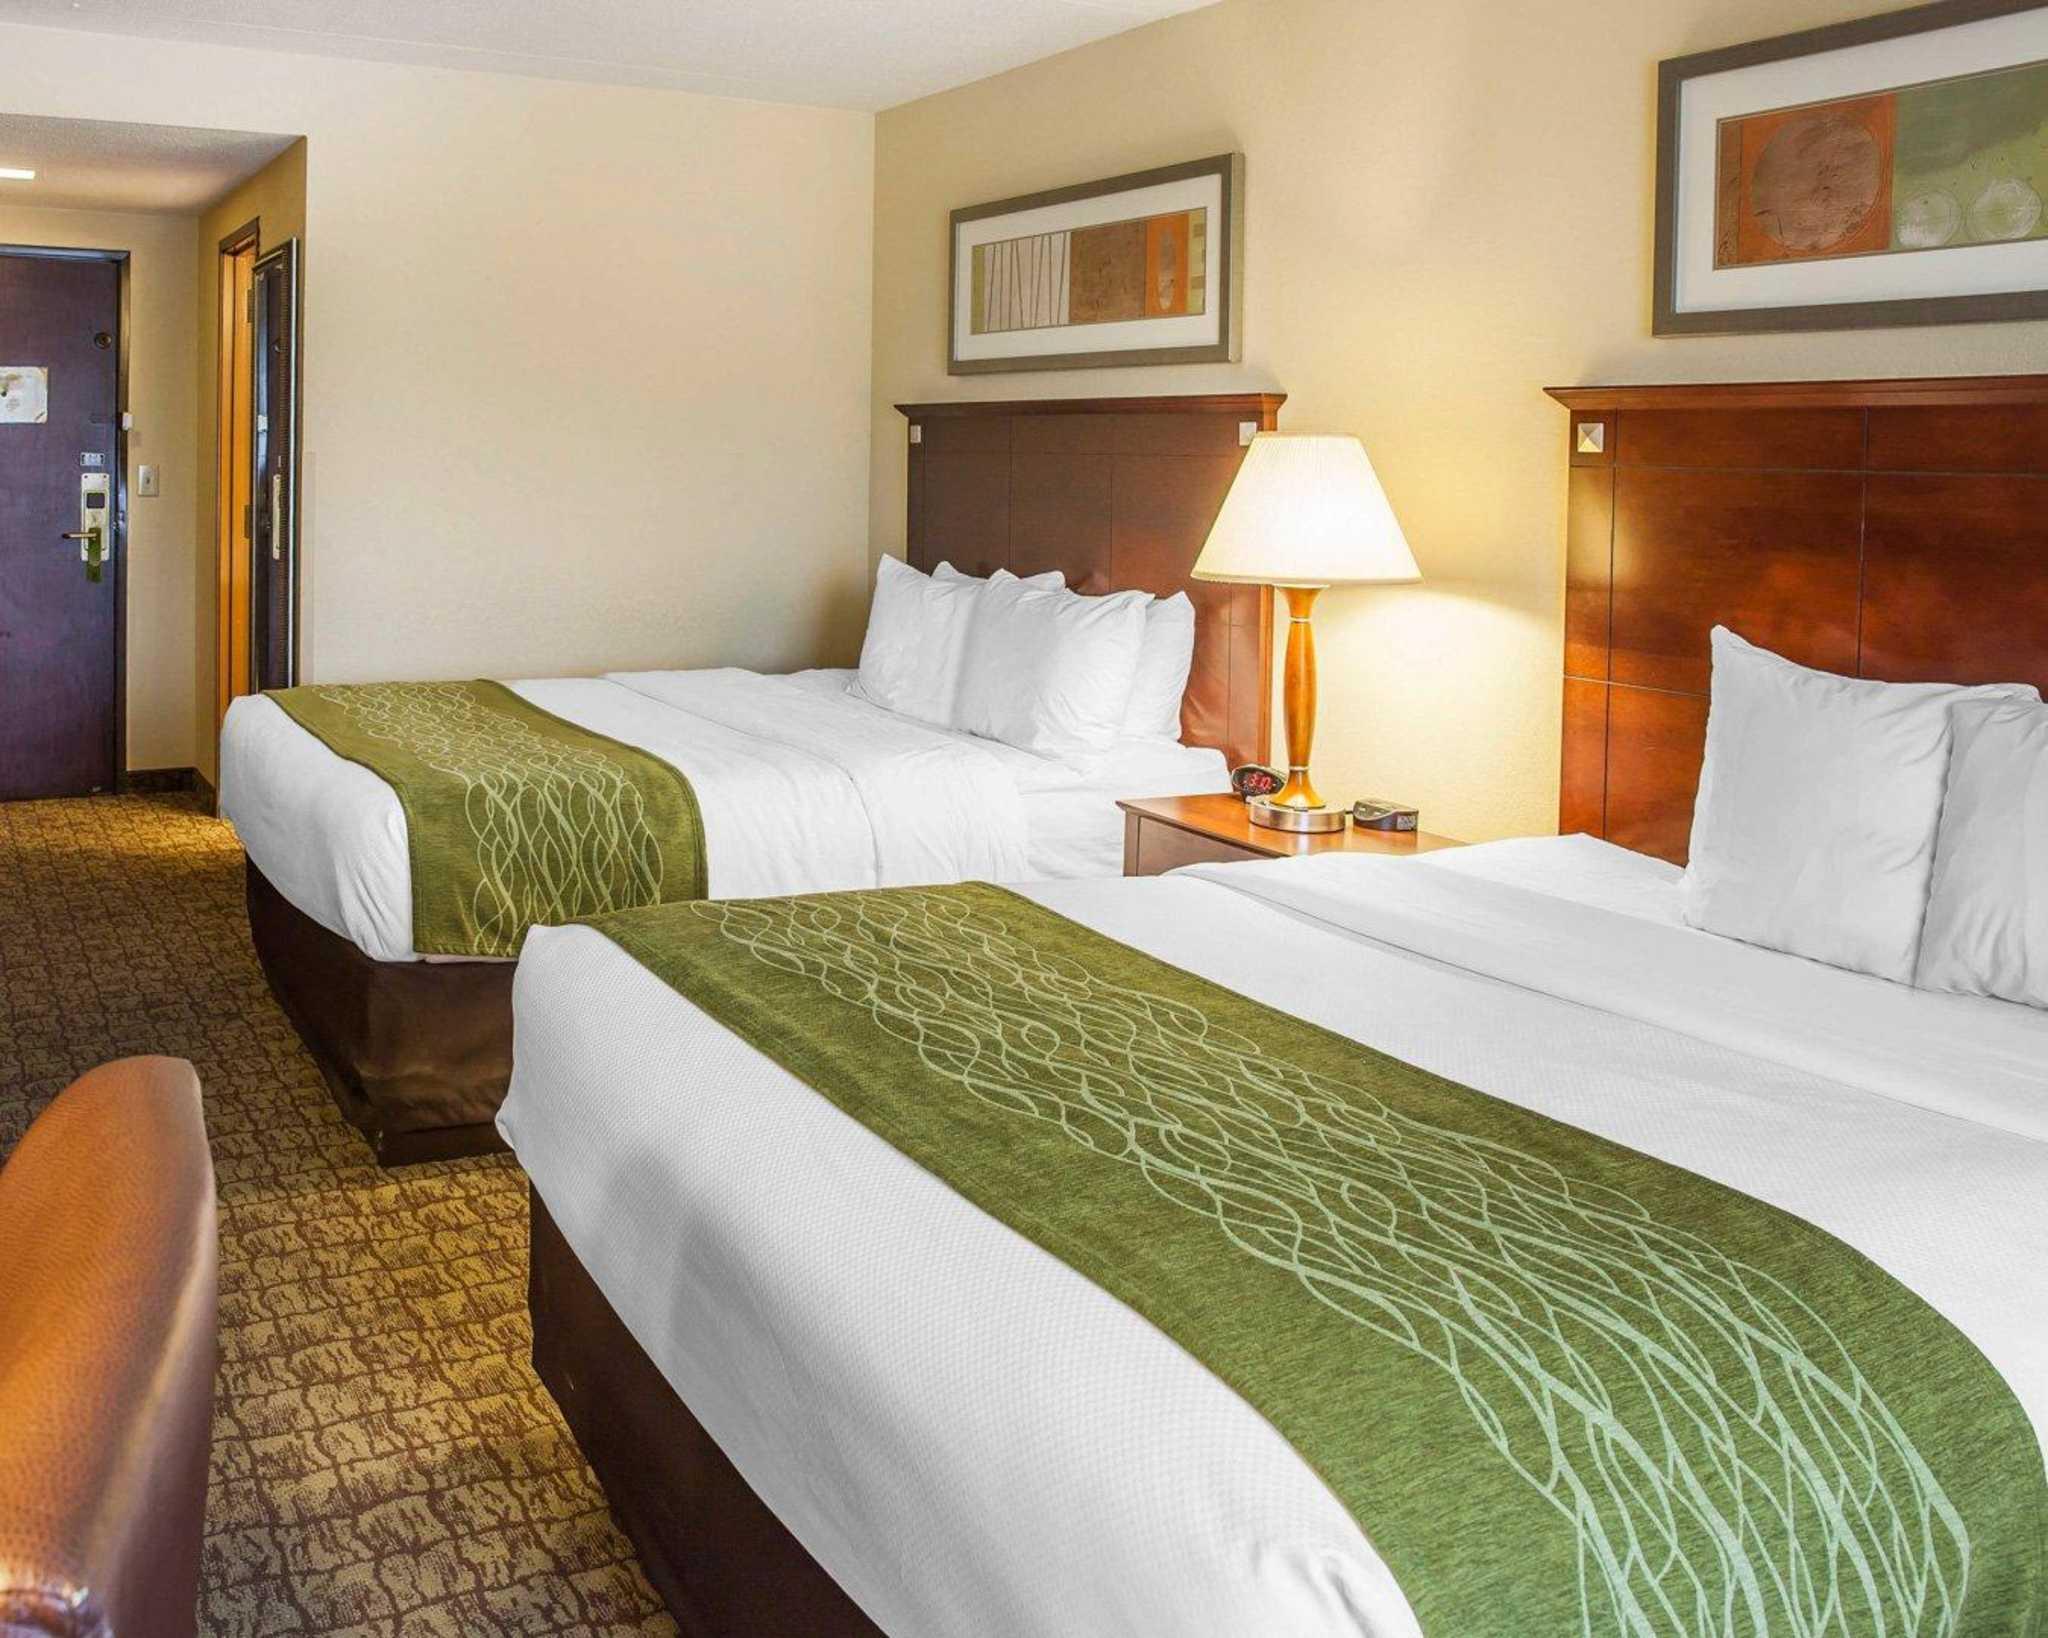 Comfort Inn & Suites Pottstown - Limerick image 10